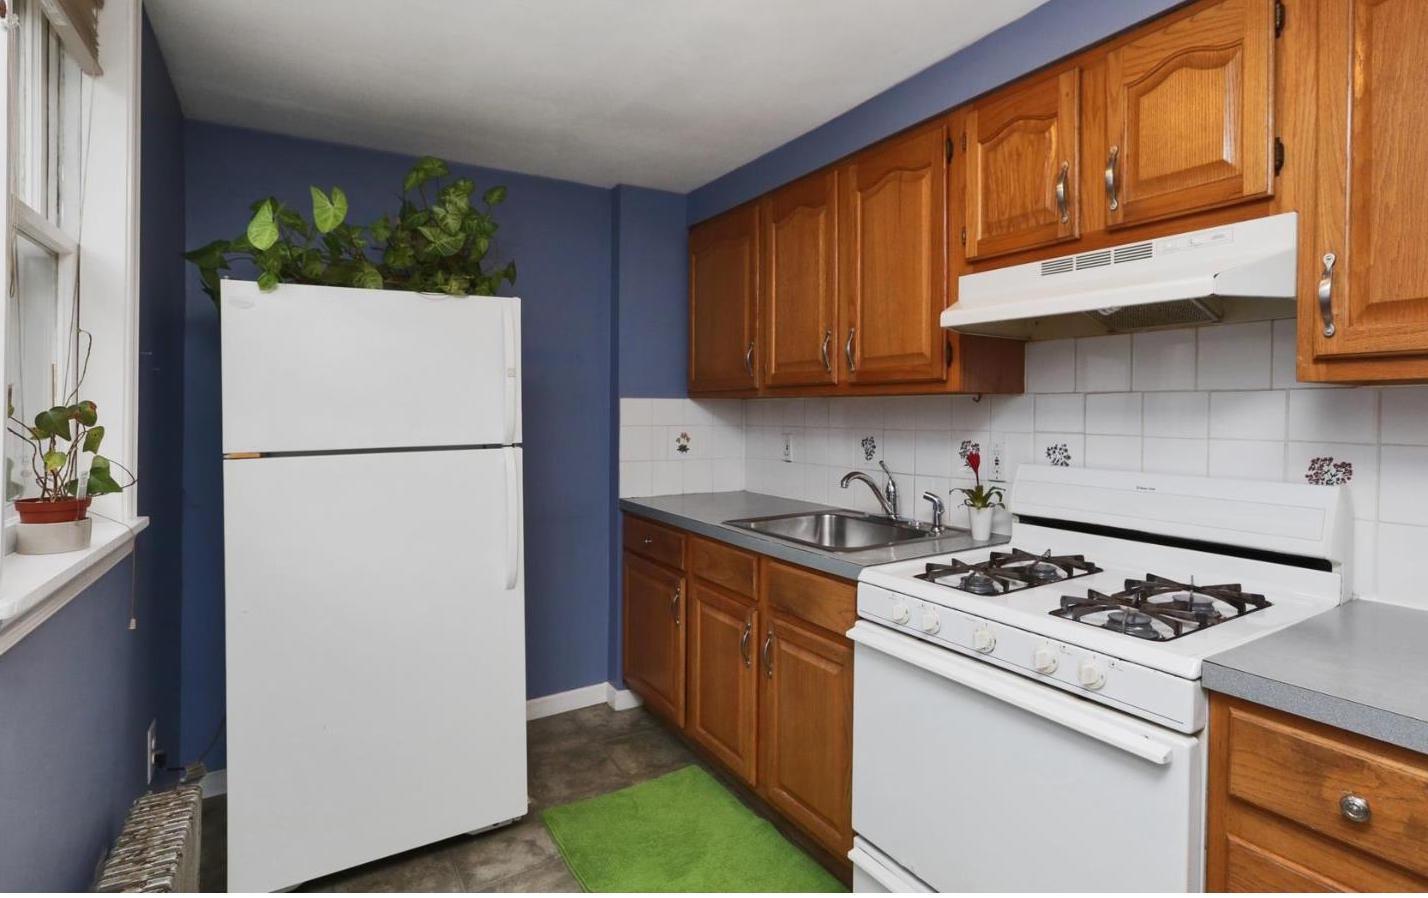 lawntown kitchen.jpeg